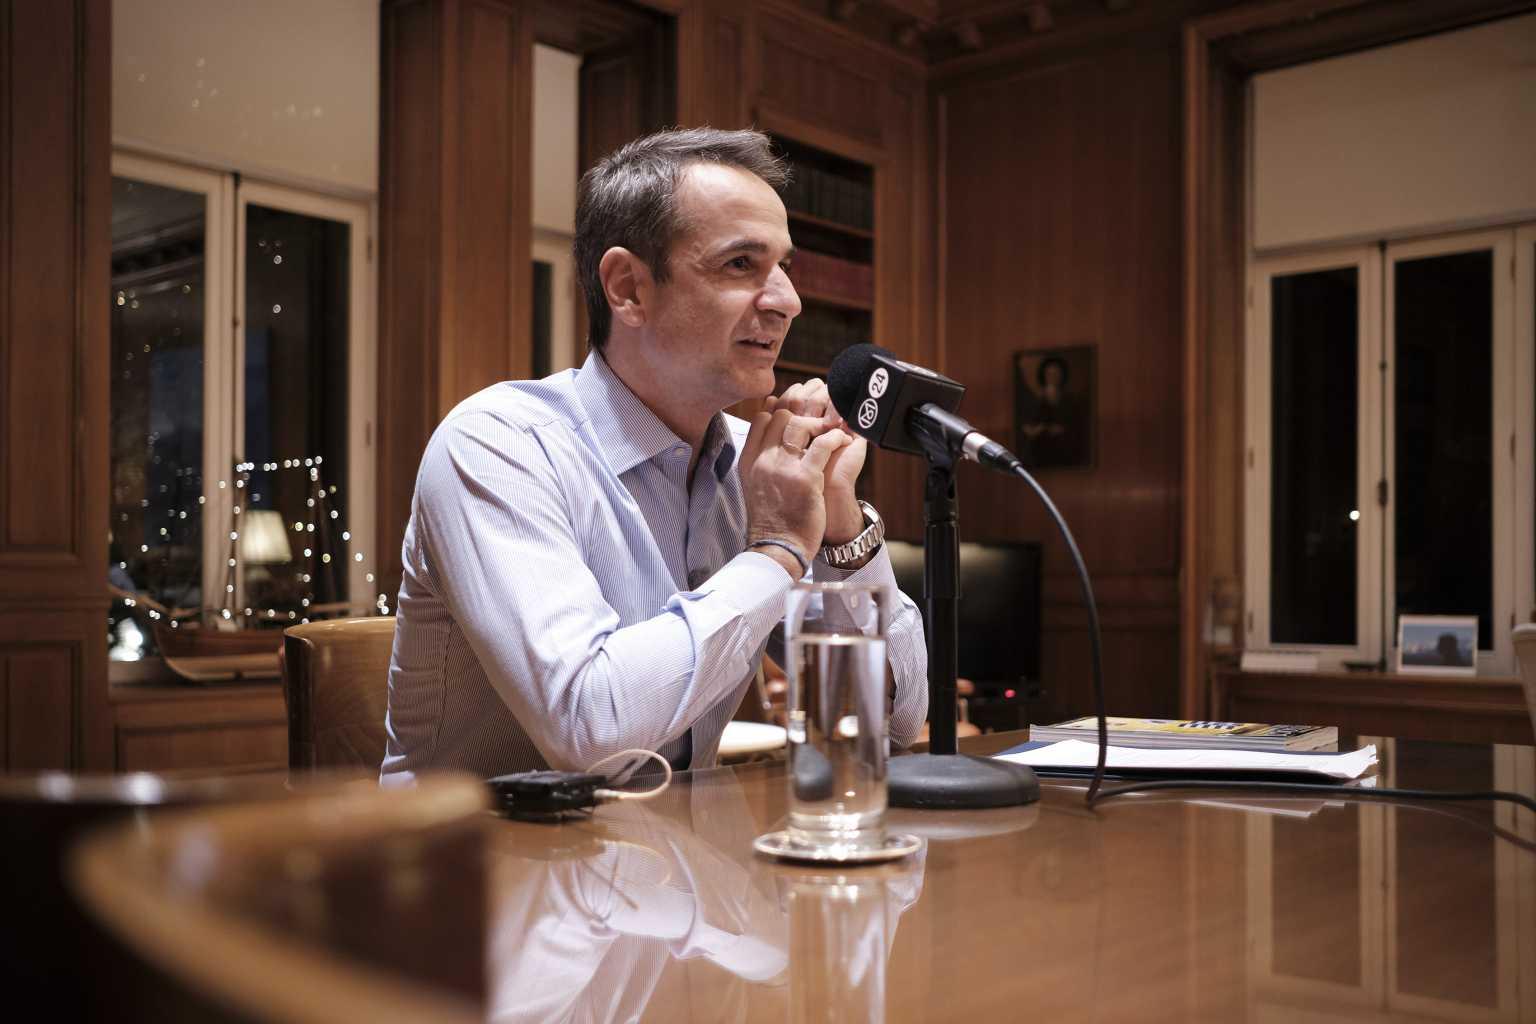 Μητσοτάκης στο Bloomberg: Ελπίζω ότι αυτό θα είναι το τελευταίο lockdown